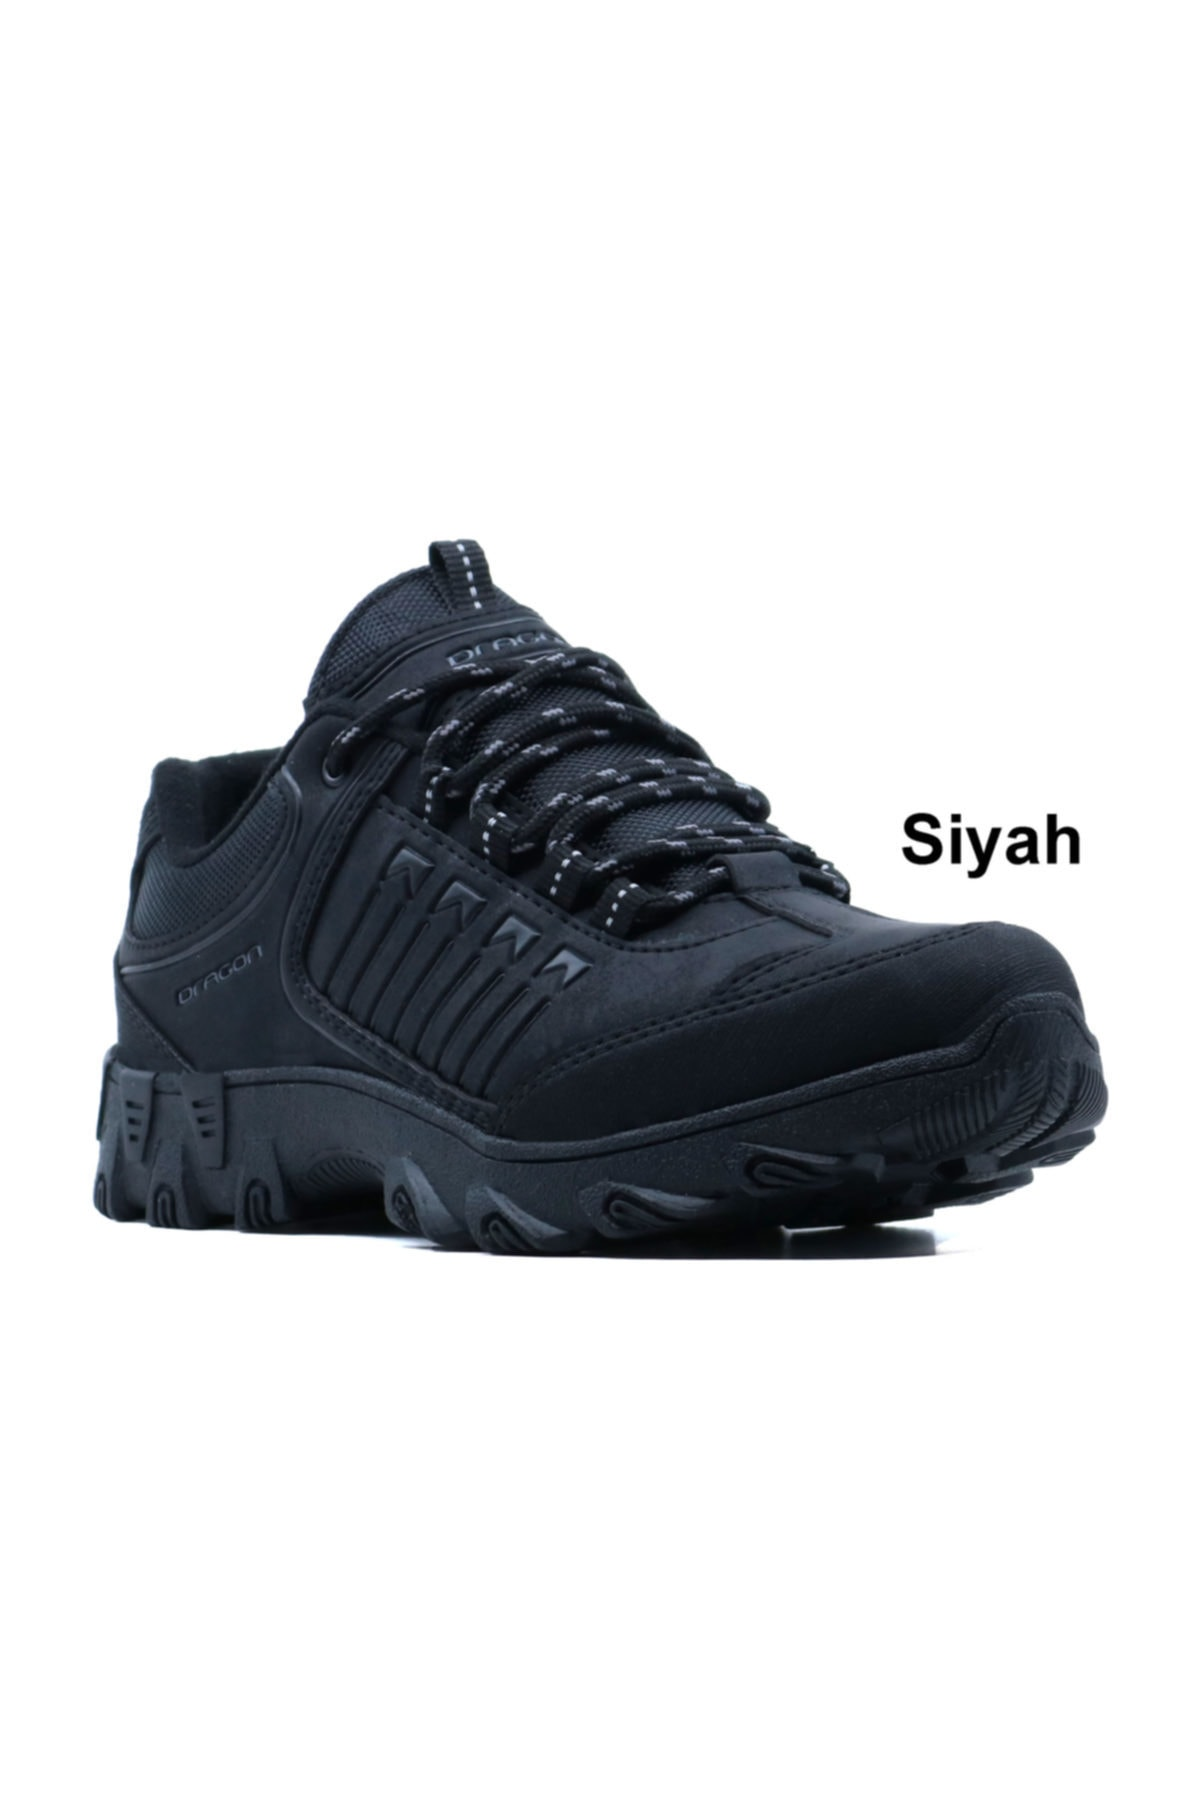 Ayakkabix Su Ve Soğuka Dayanıklı Erkek Kışlık Ayakkabı Bot 2